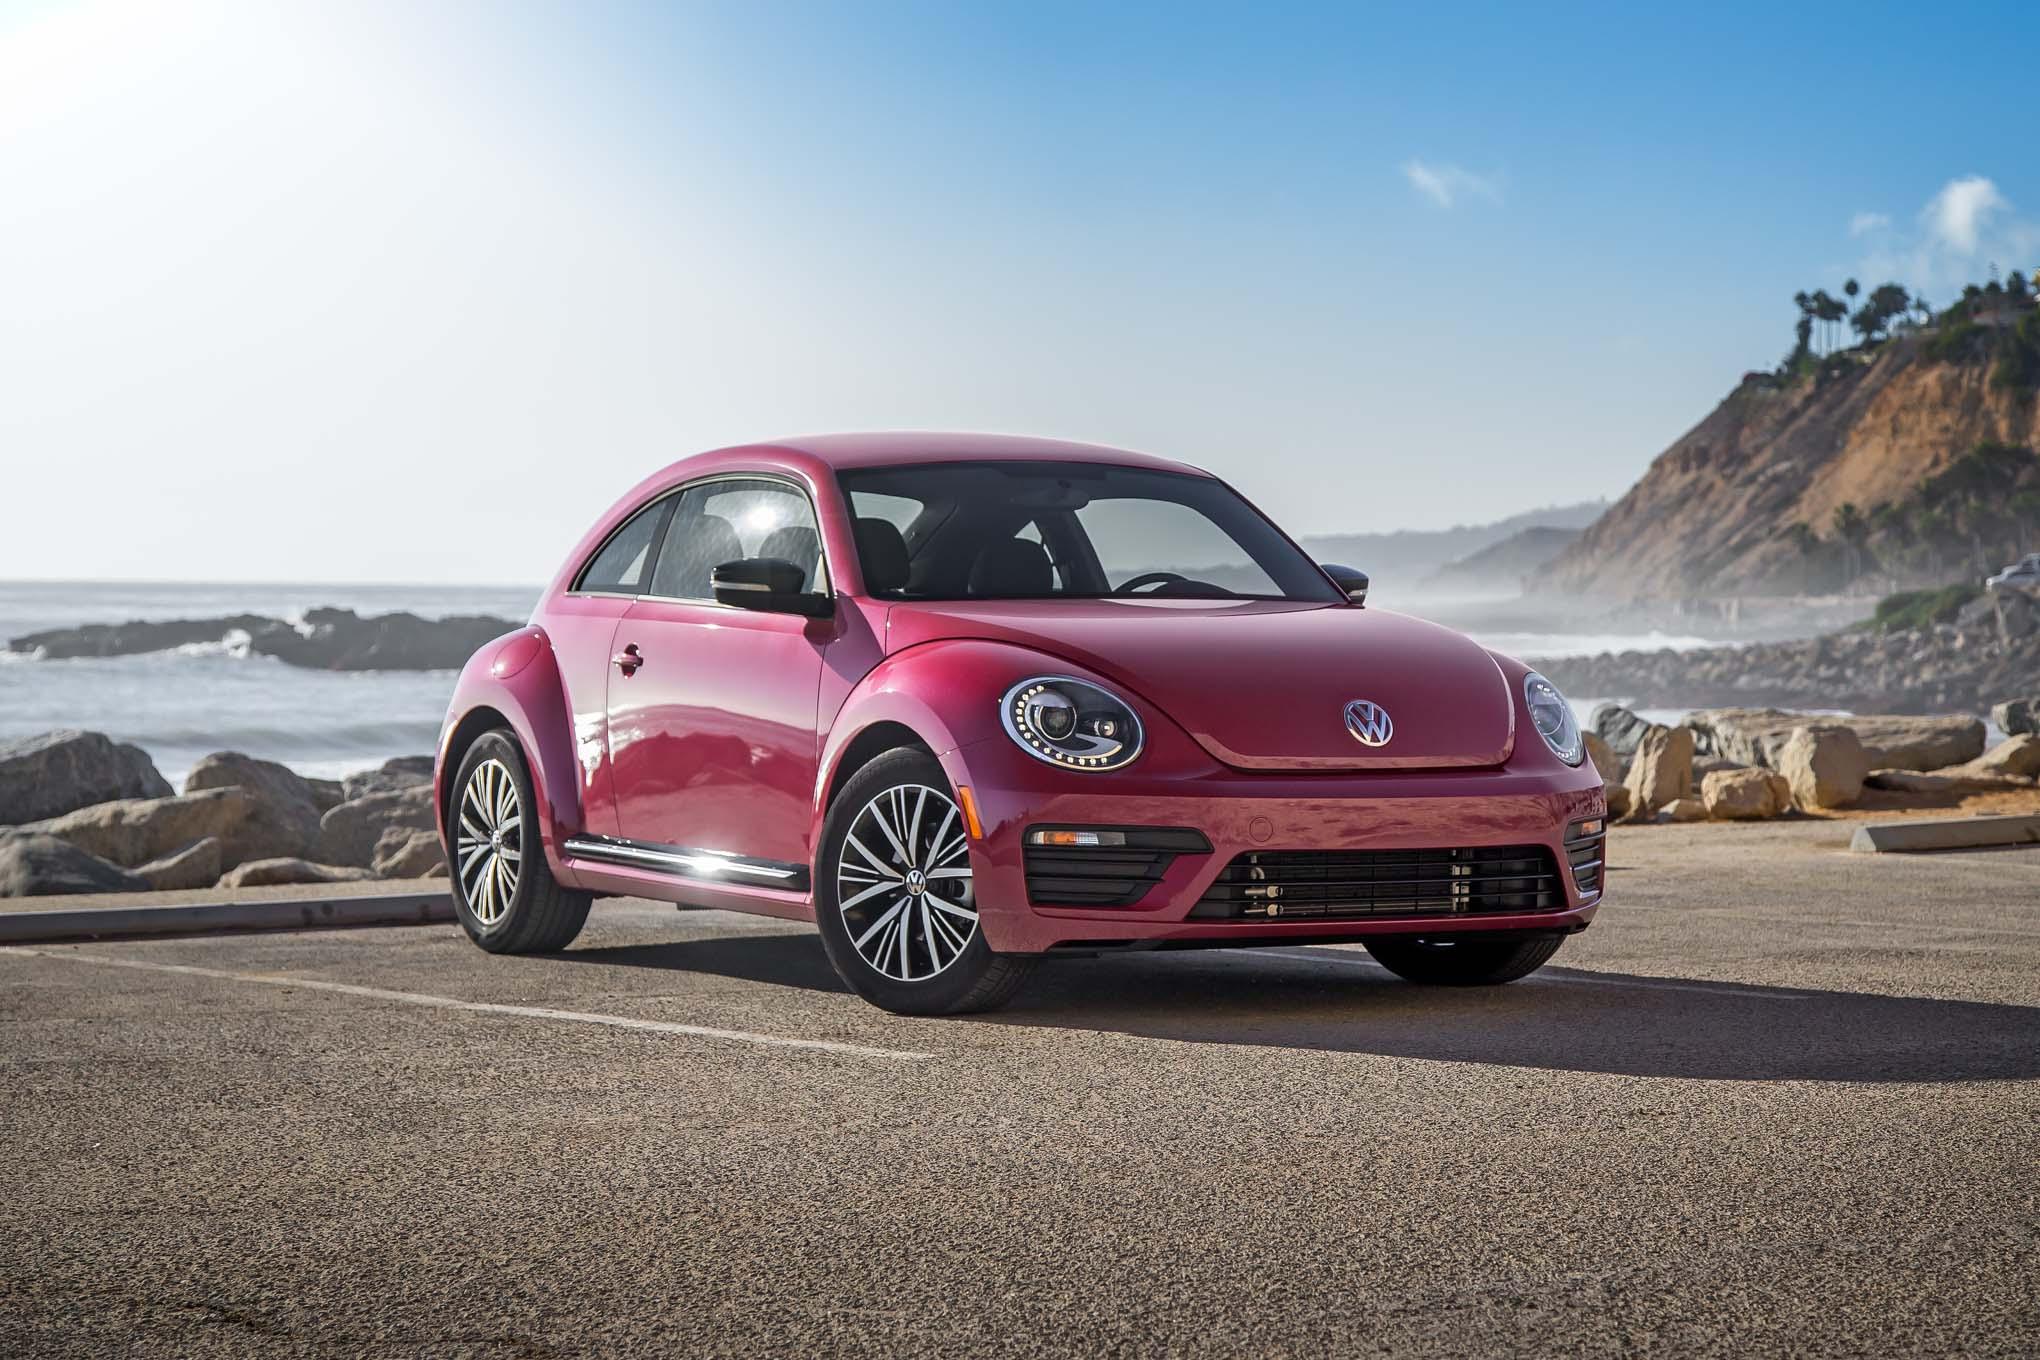 2017 Volkswagen PinkBeetle front three quarter 02